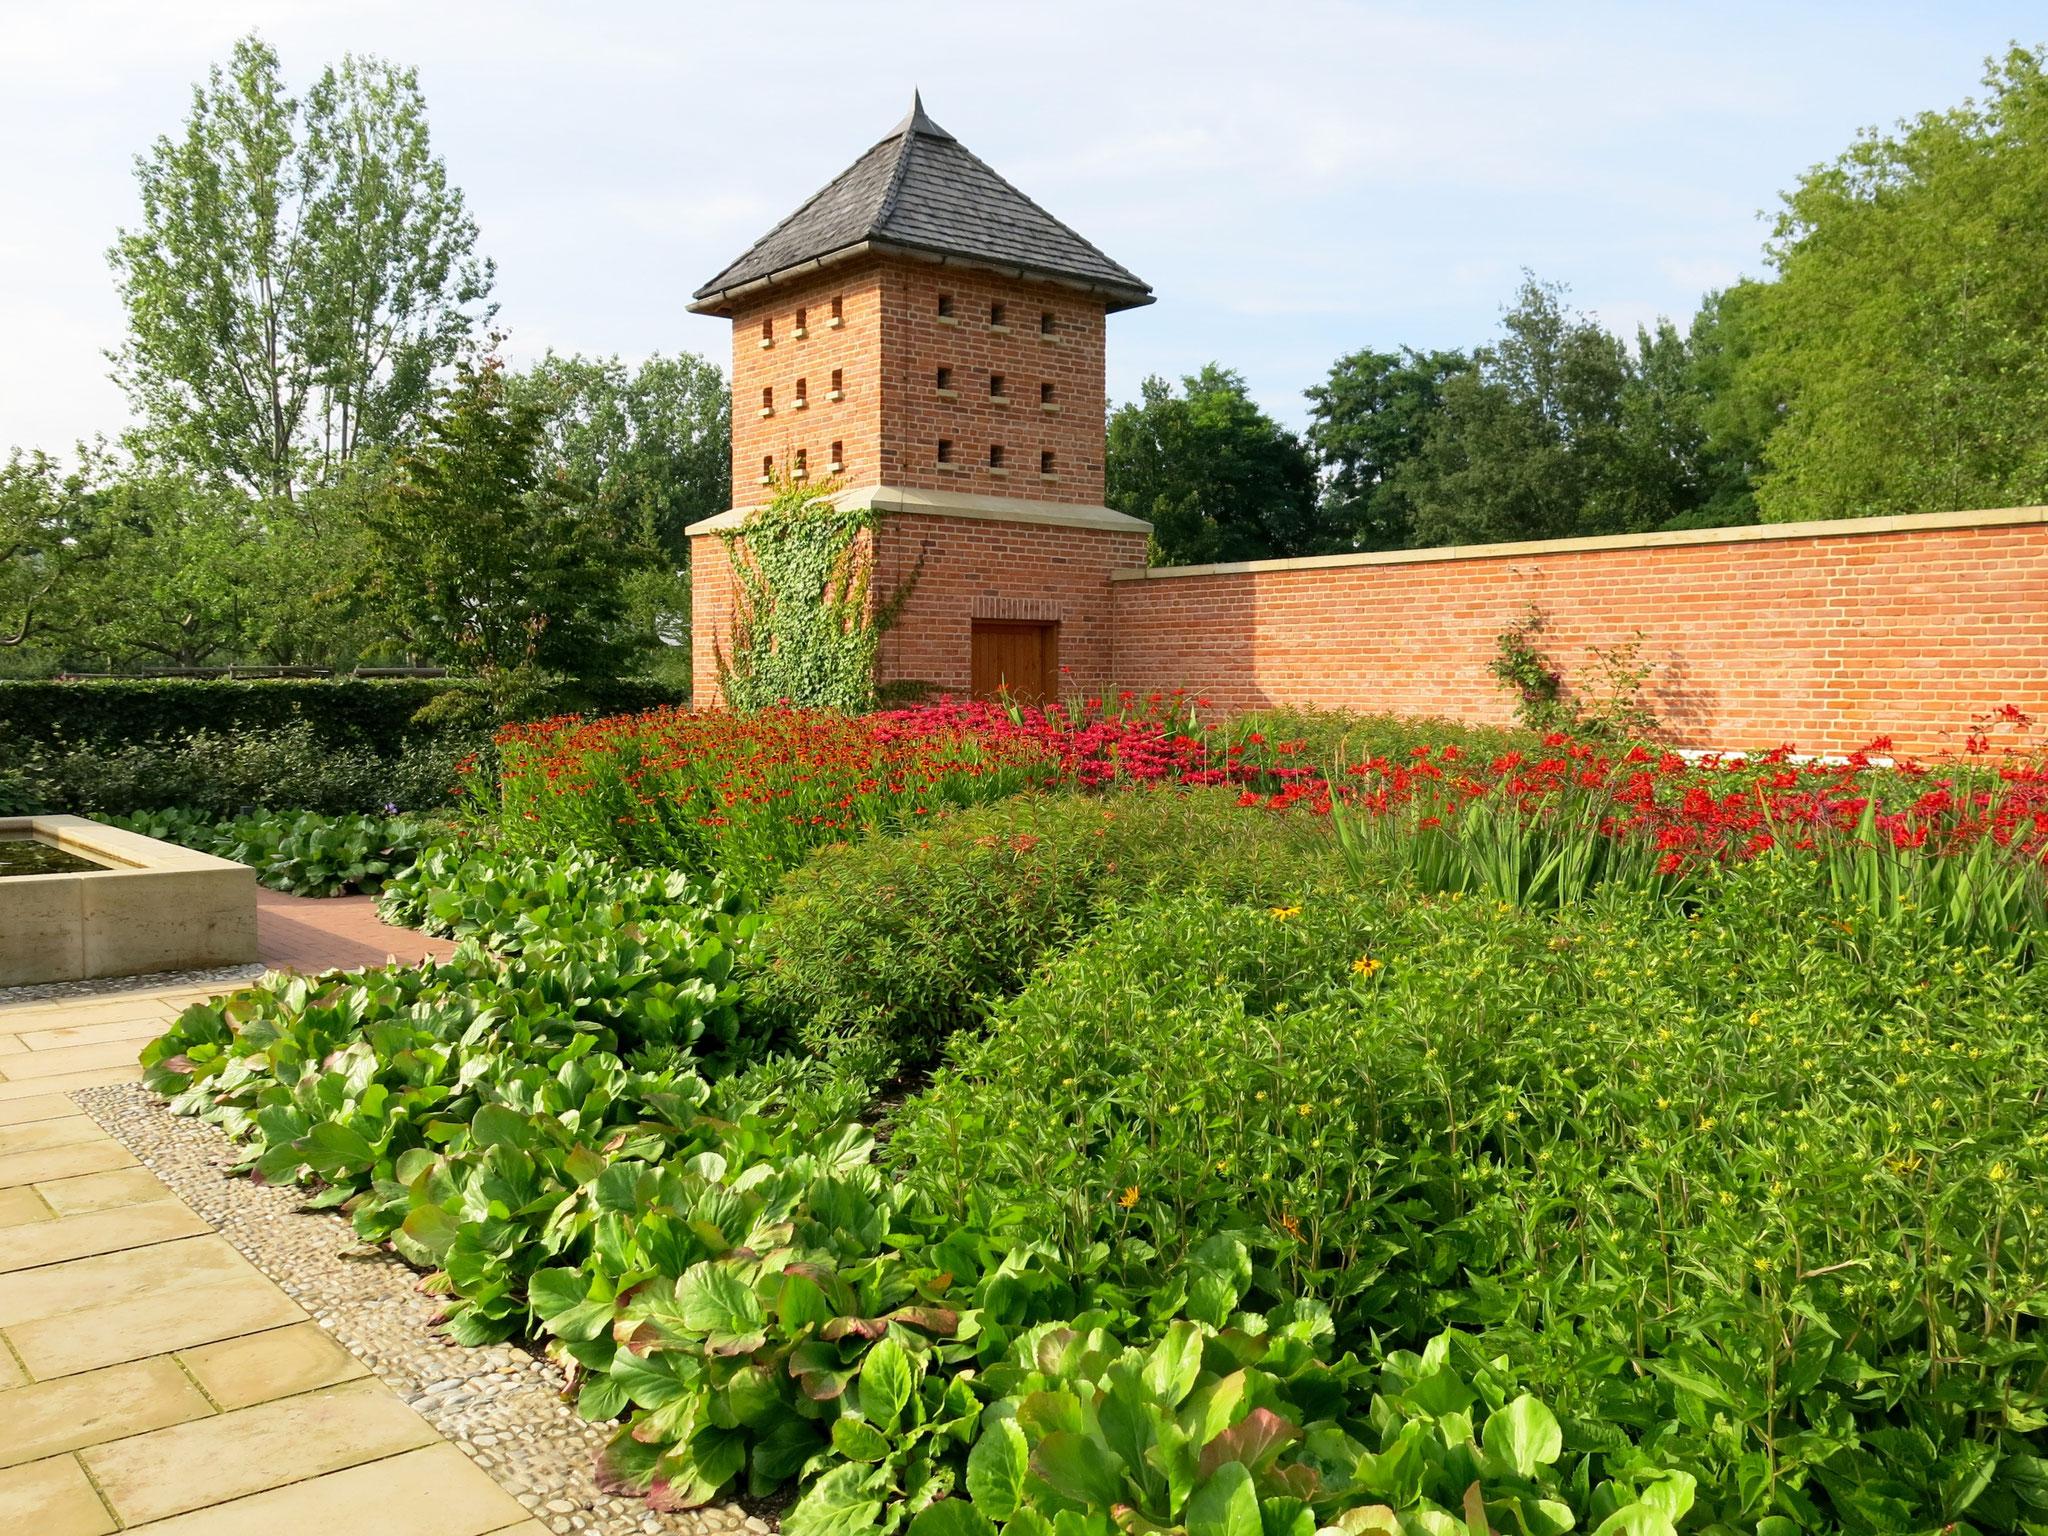 Sa, 18.07., 14.00-15.30 Uhr: Führung durch den Englischen Landschaftsgarten in den Gärten der Welt